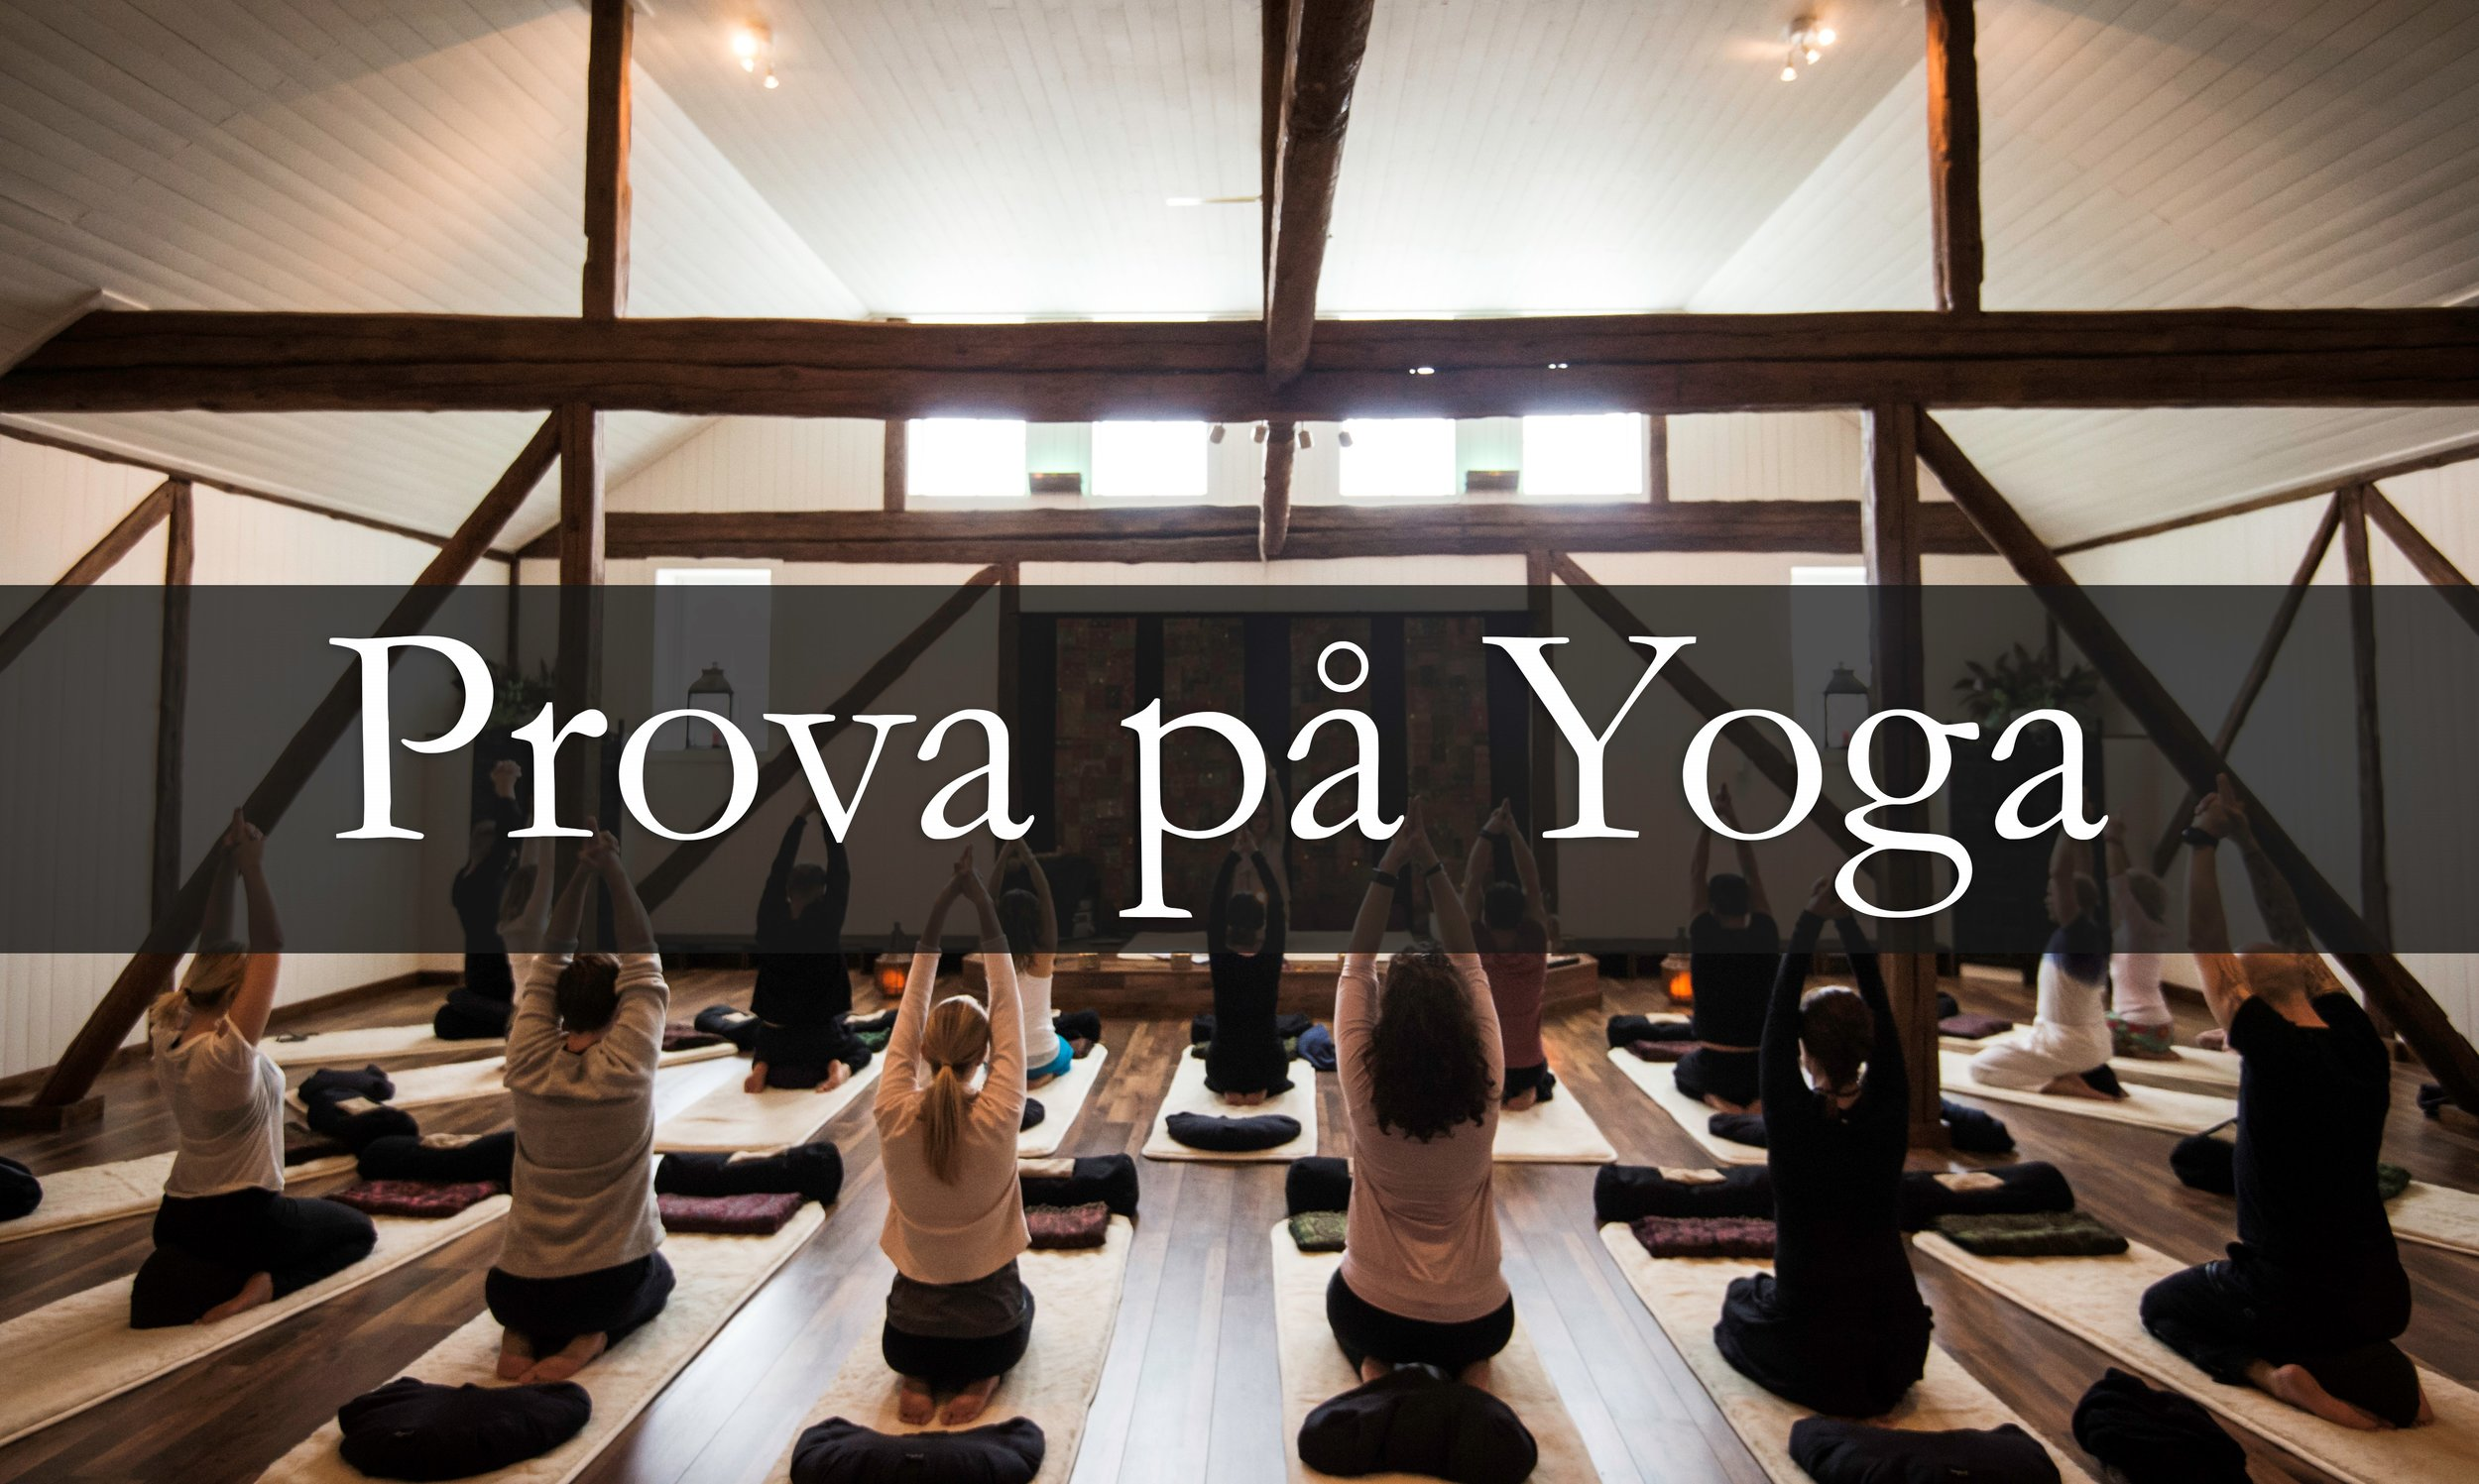 Prov yoga.jpg